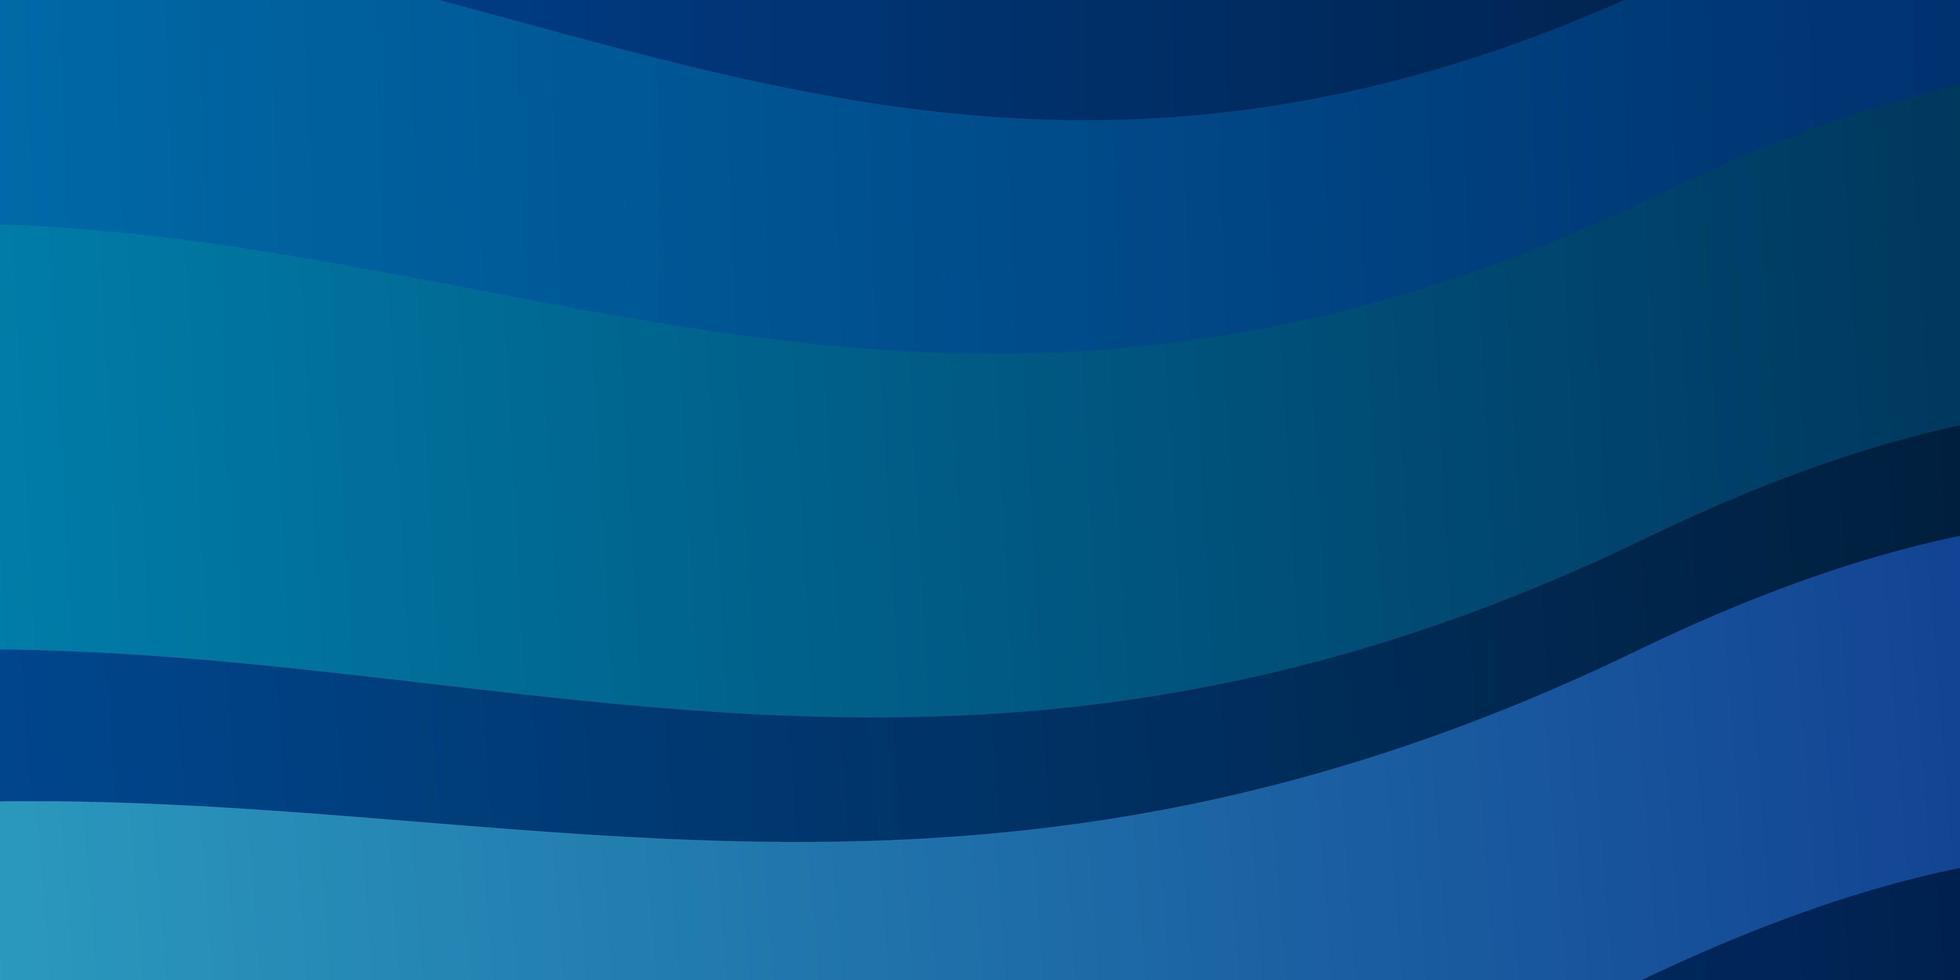 blaues Layout mit gebogenen Linien. vektor